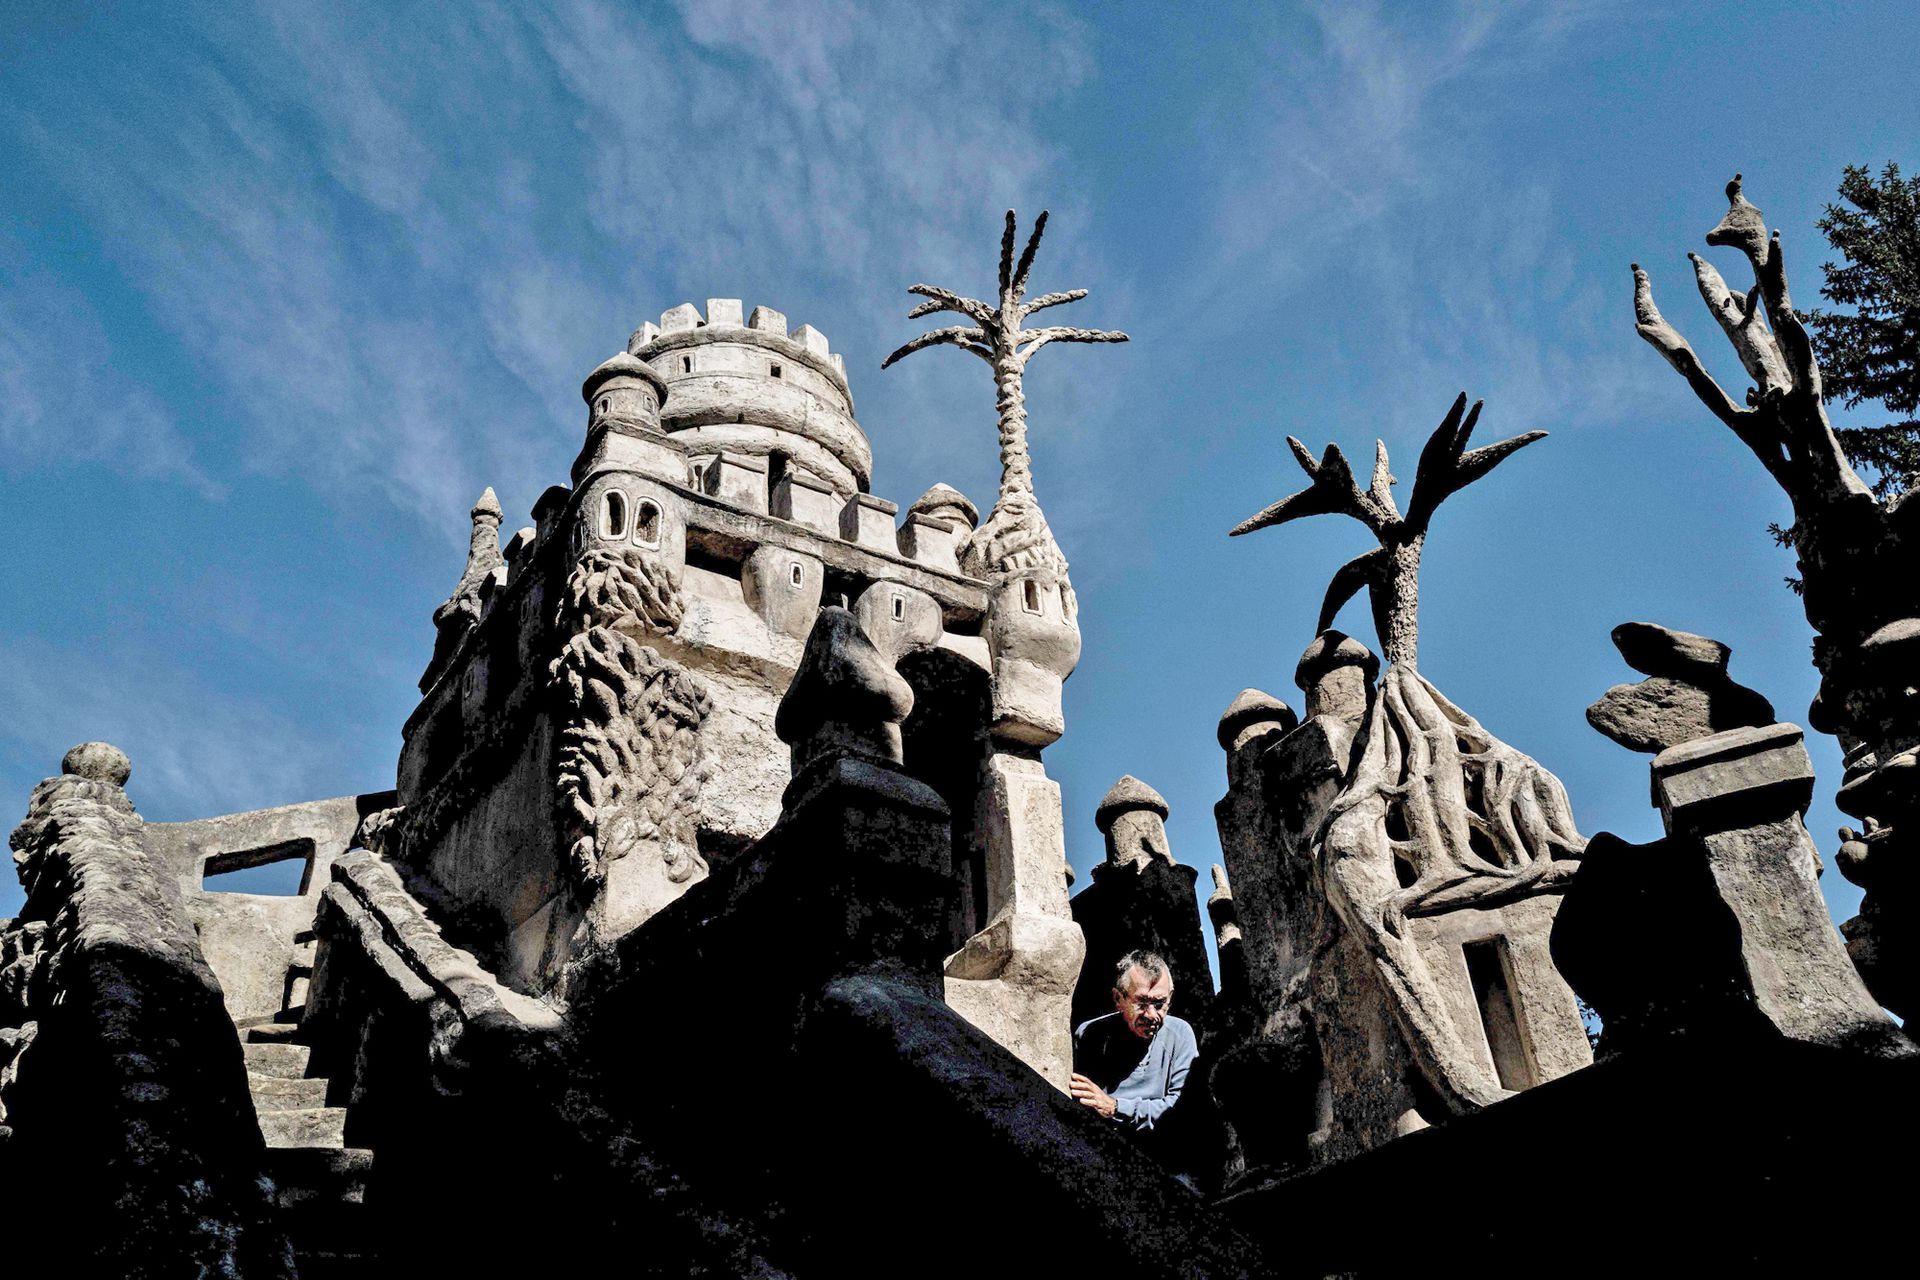 Así, todos los día Ferdinand, juntaba piedras y las guardaba en sus bolsillos y, sin ningún conocimiento de arquitectura, comenzó la construcción